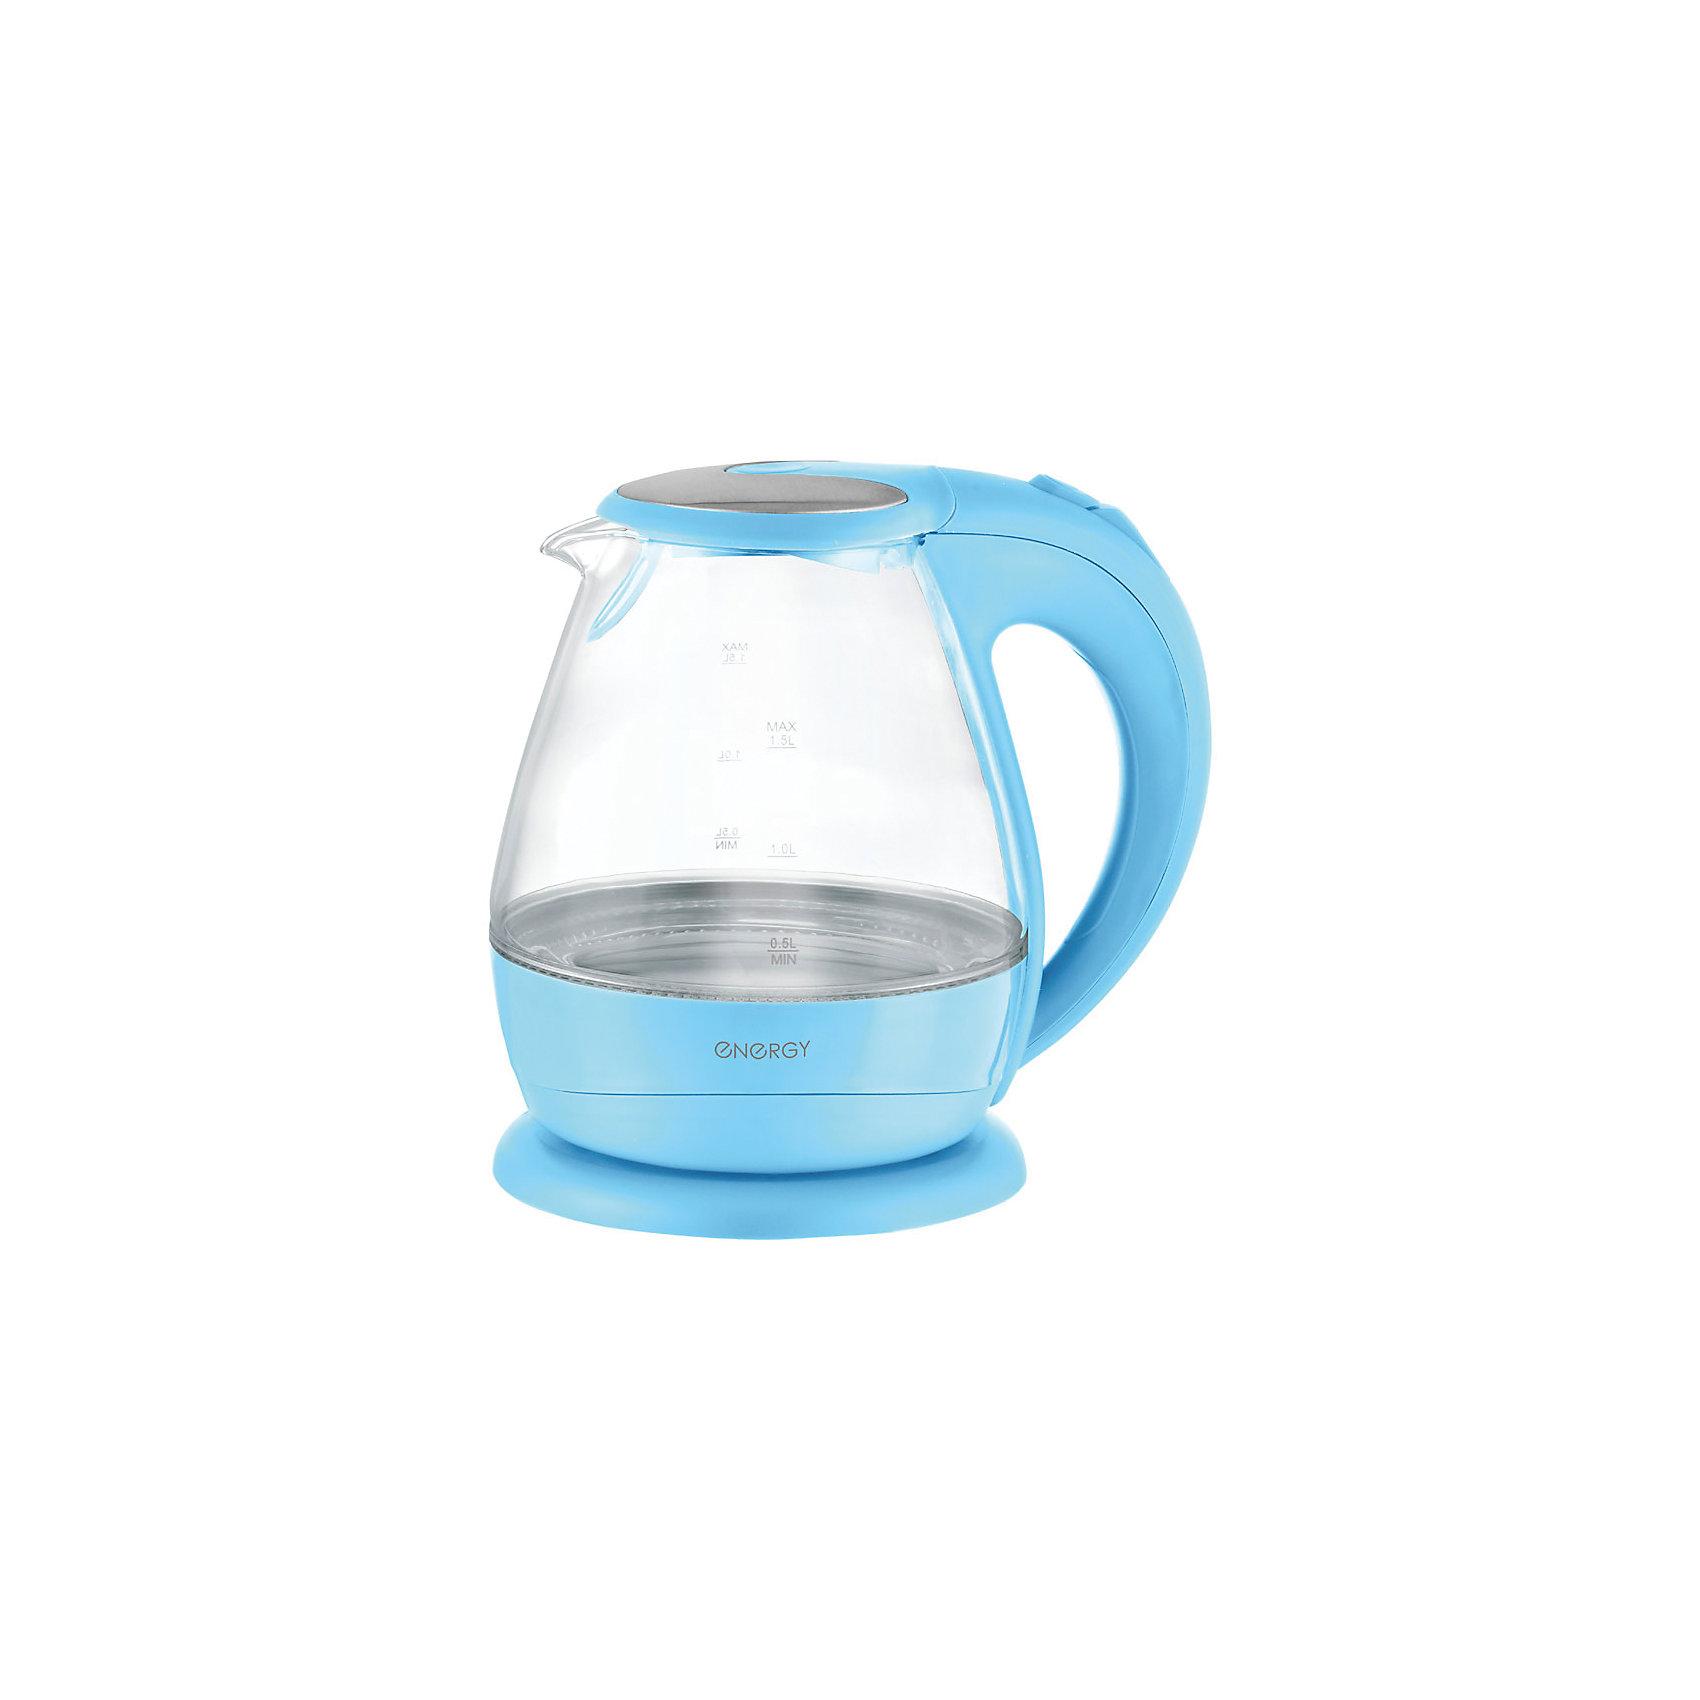 Чайник E-266 (1,5 л, диск) стеклянный, Energy, голубойБытовая техника для кухни<br>Электрический чайник Energy дает возможность быстро вскипятить воду. Чайник оборудован закрытым нагревательным элементом из нержавеющей стали, есть автоматический выключатель. Имеется внутренняя подсветка. Предусмотрена защита от работы без воды. Фильтр чайника съемный. Чайник на подставке можно поворачивать на 360 градусов. Шкала уровня воды находится на внешней стороне чайника, корпус полностью прозрачный.<br><br>Дополнительная информация:<br><br>Размер чайника: 23,5х21,2х19,9 см<br>Объем чайника: 1,5 л<br><br>Материал: термостойкое стекло, пластик, нержавеющая сталь<br><br>Мощность: 1850-2200Вт<br>Напряжение: 220-240В, 50/60Гц<br> <br>Чайник E-266 (1,5 л, диск) стеклянный, Energy, голубой можно купить в нашем интернет-магазине.<br><br>Ширина мм: 210<br>Глубина мм: 200<br>Высота мм: 240<br>Вес г: 1415<br>Возраст от месяцев: 216<br>Возраст до месяцев: 1080<br>Пол: Унисекс<br>Возраст: Детский<br>SKU: 4989887